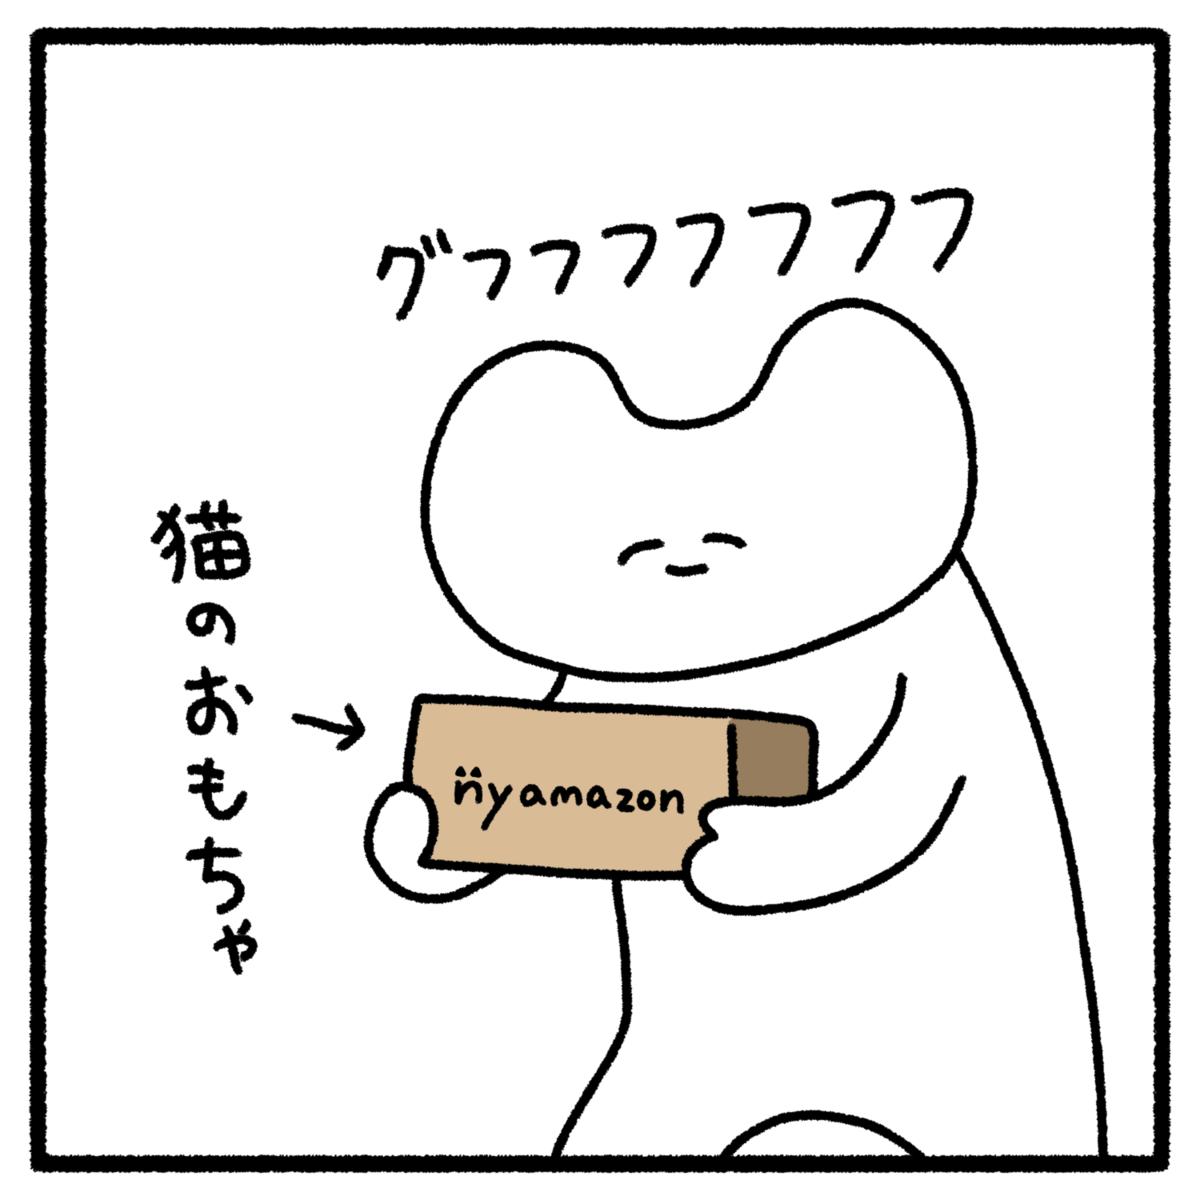 f:id:usgmen:20210528205227p:plain